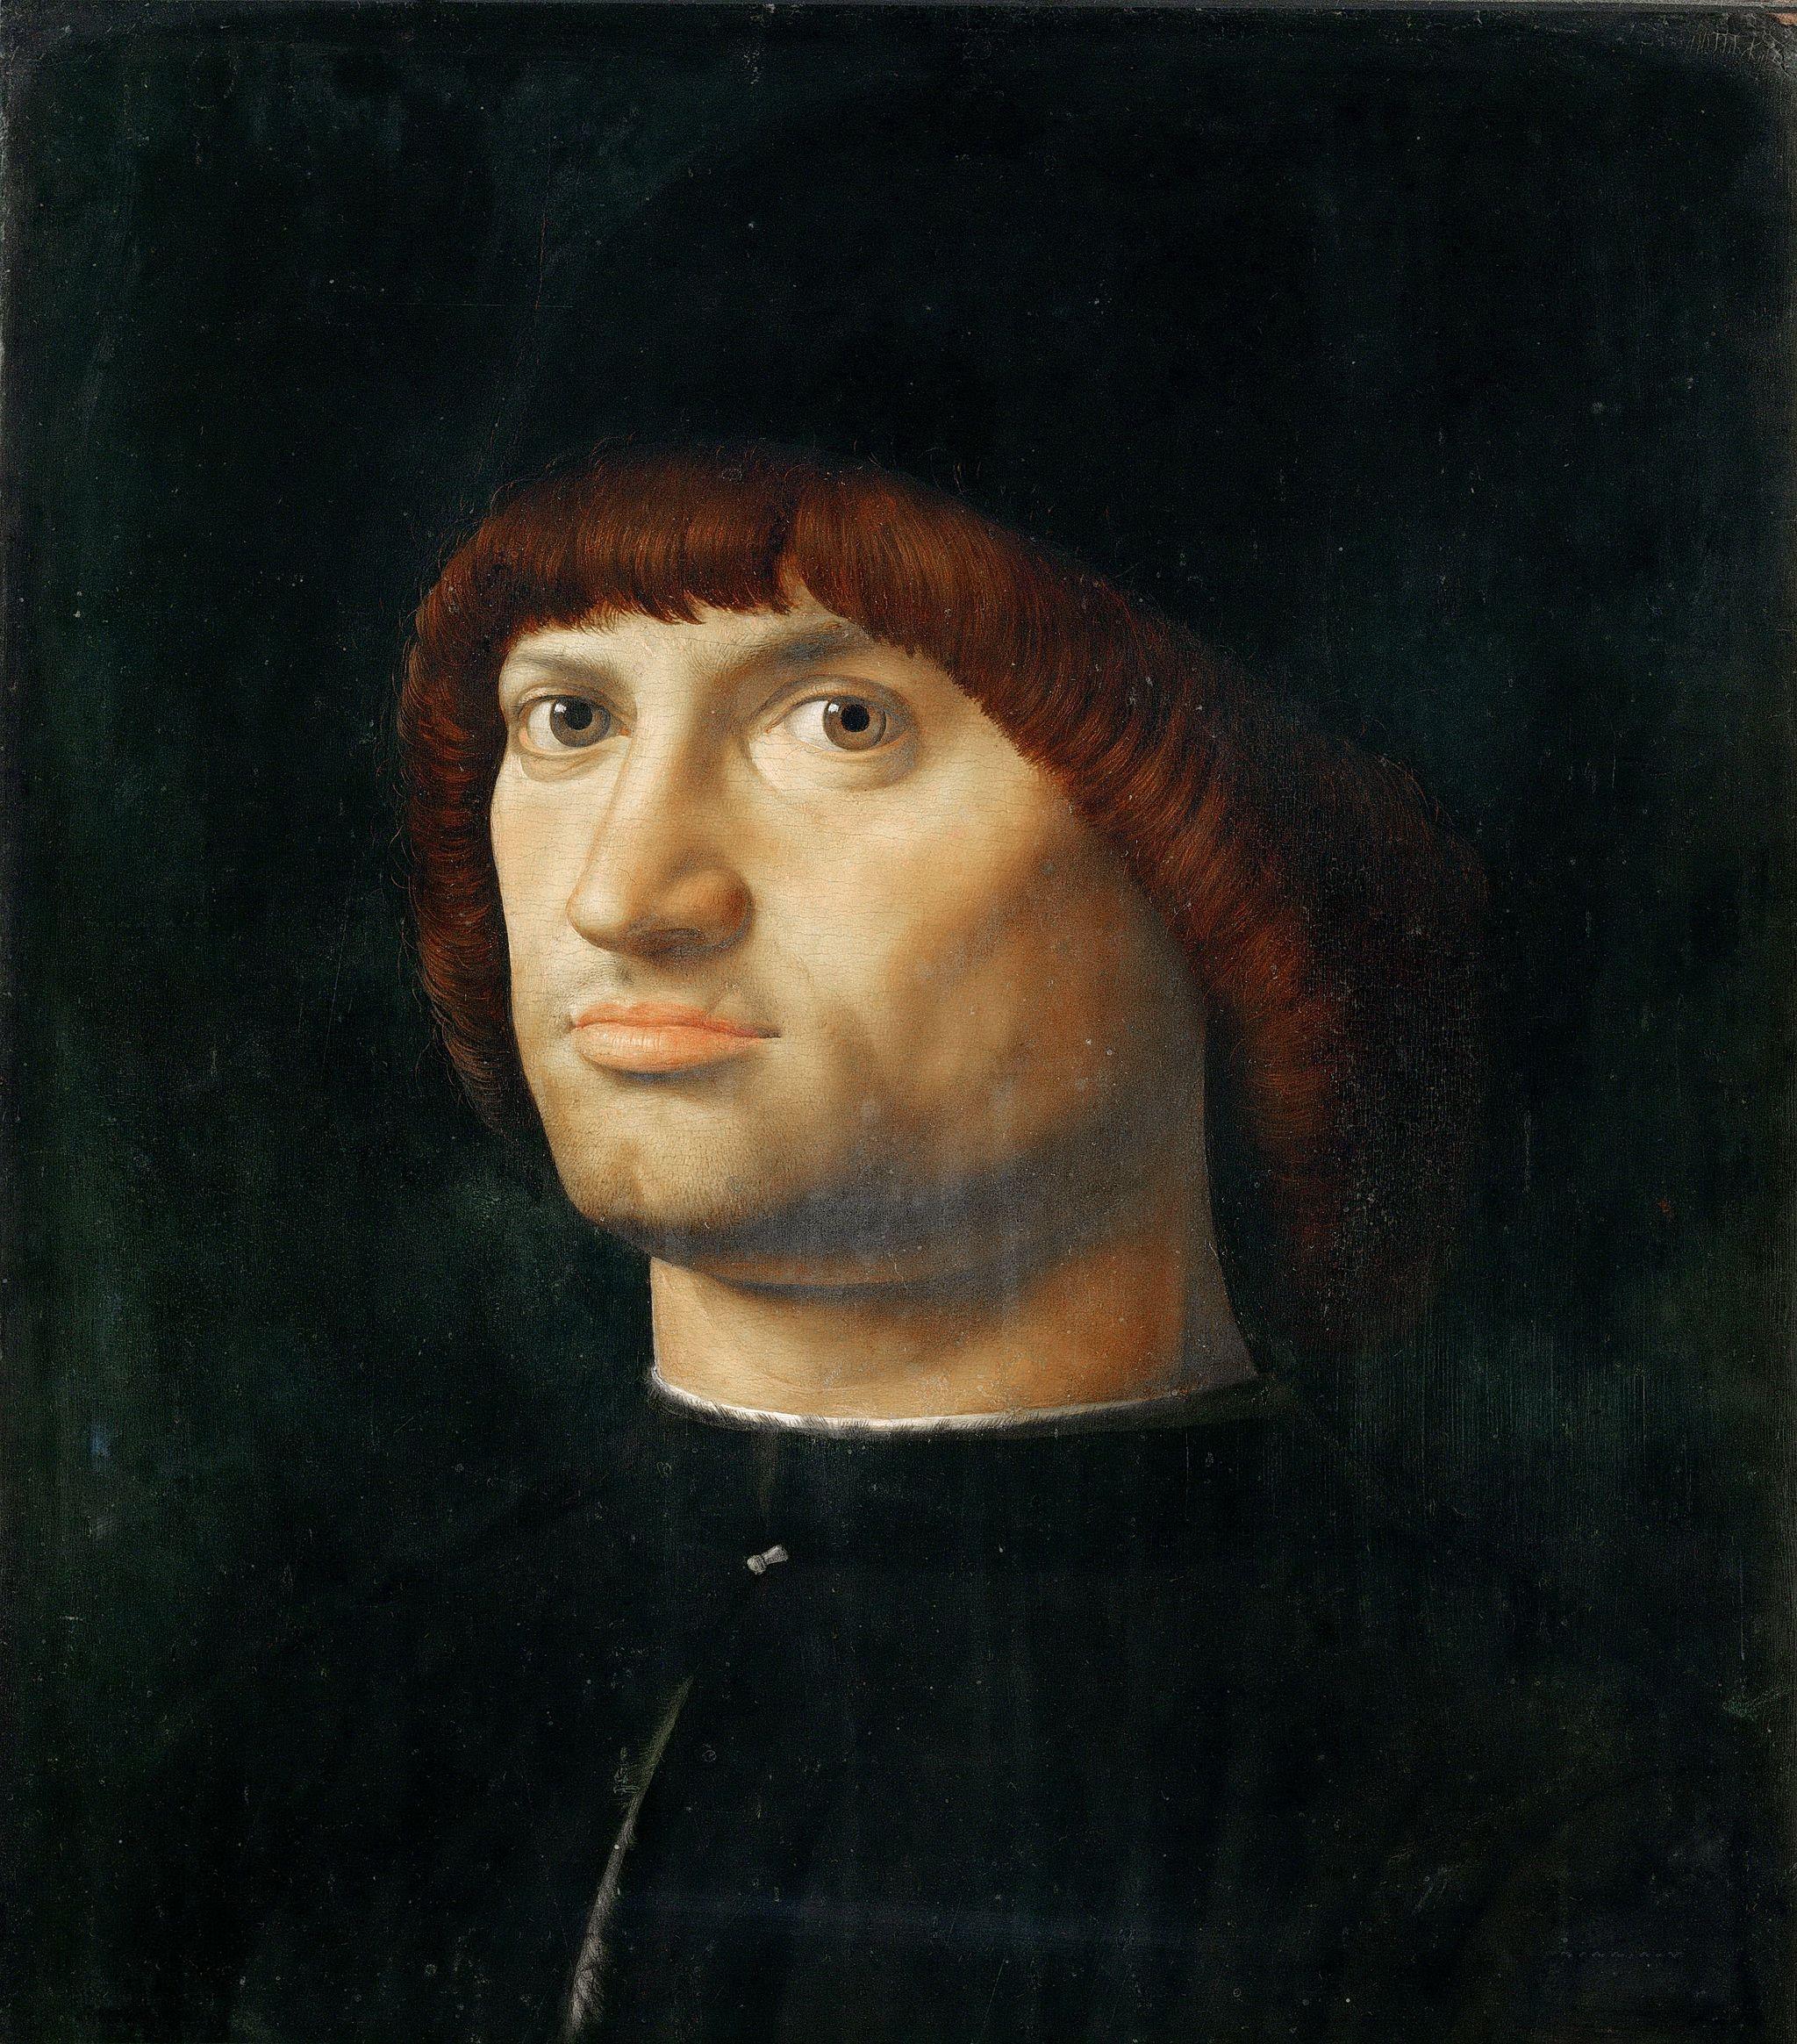 Antonello da Messina (1430–1479), Ritratto d'uomo (Il condottiero), 1475 circa, olio su tavola di pioppo, 36,4×30 cm, Parigi, Musée du Louvre